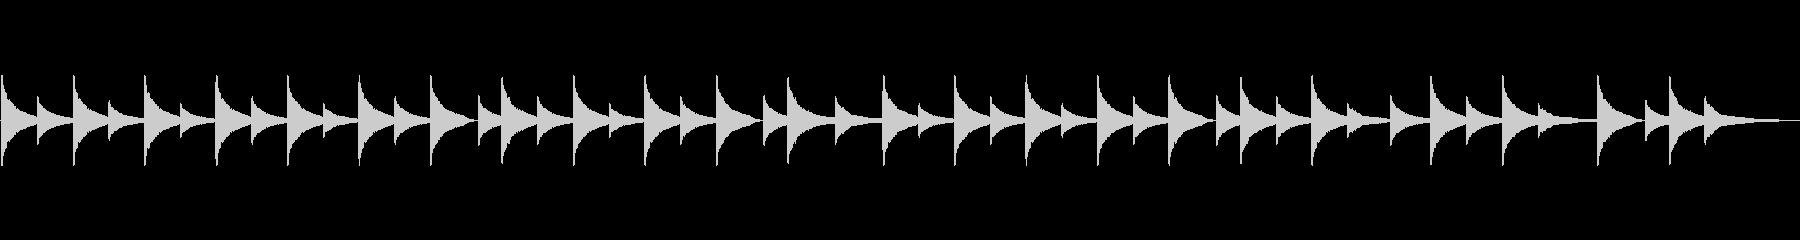 鐘の音/お寺/ゴーン/約5分の未再生の波形